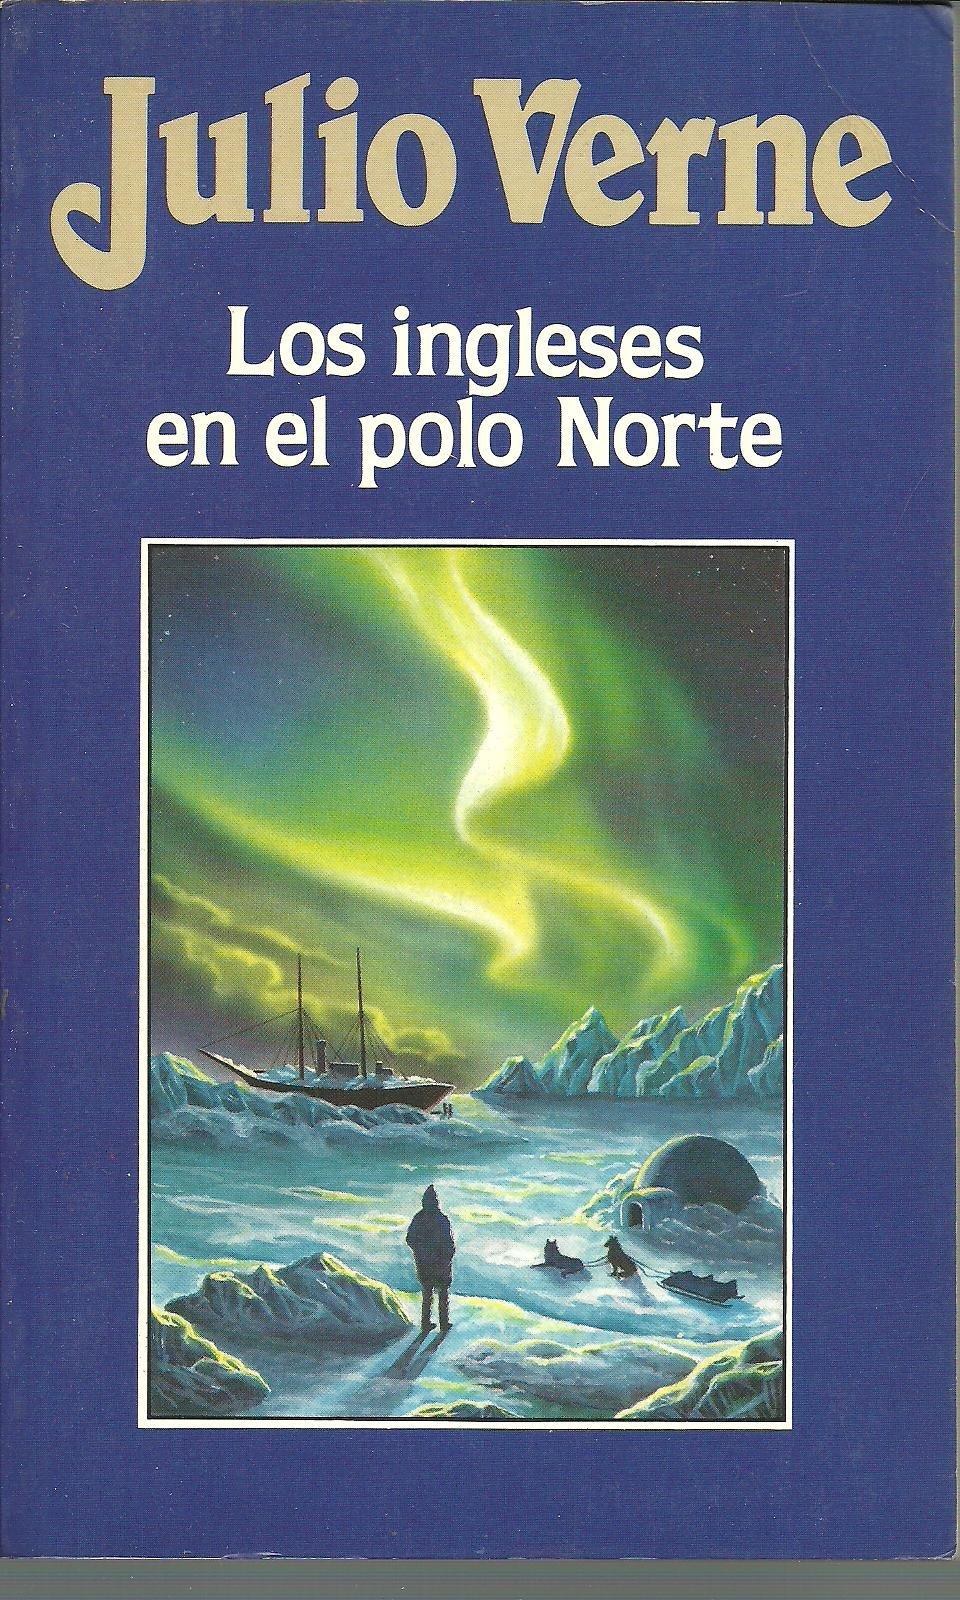 LOS INGLESES EN EL POLO NORTE: Amazon.es: Julio Verne: Libros